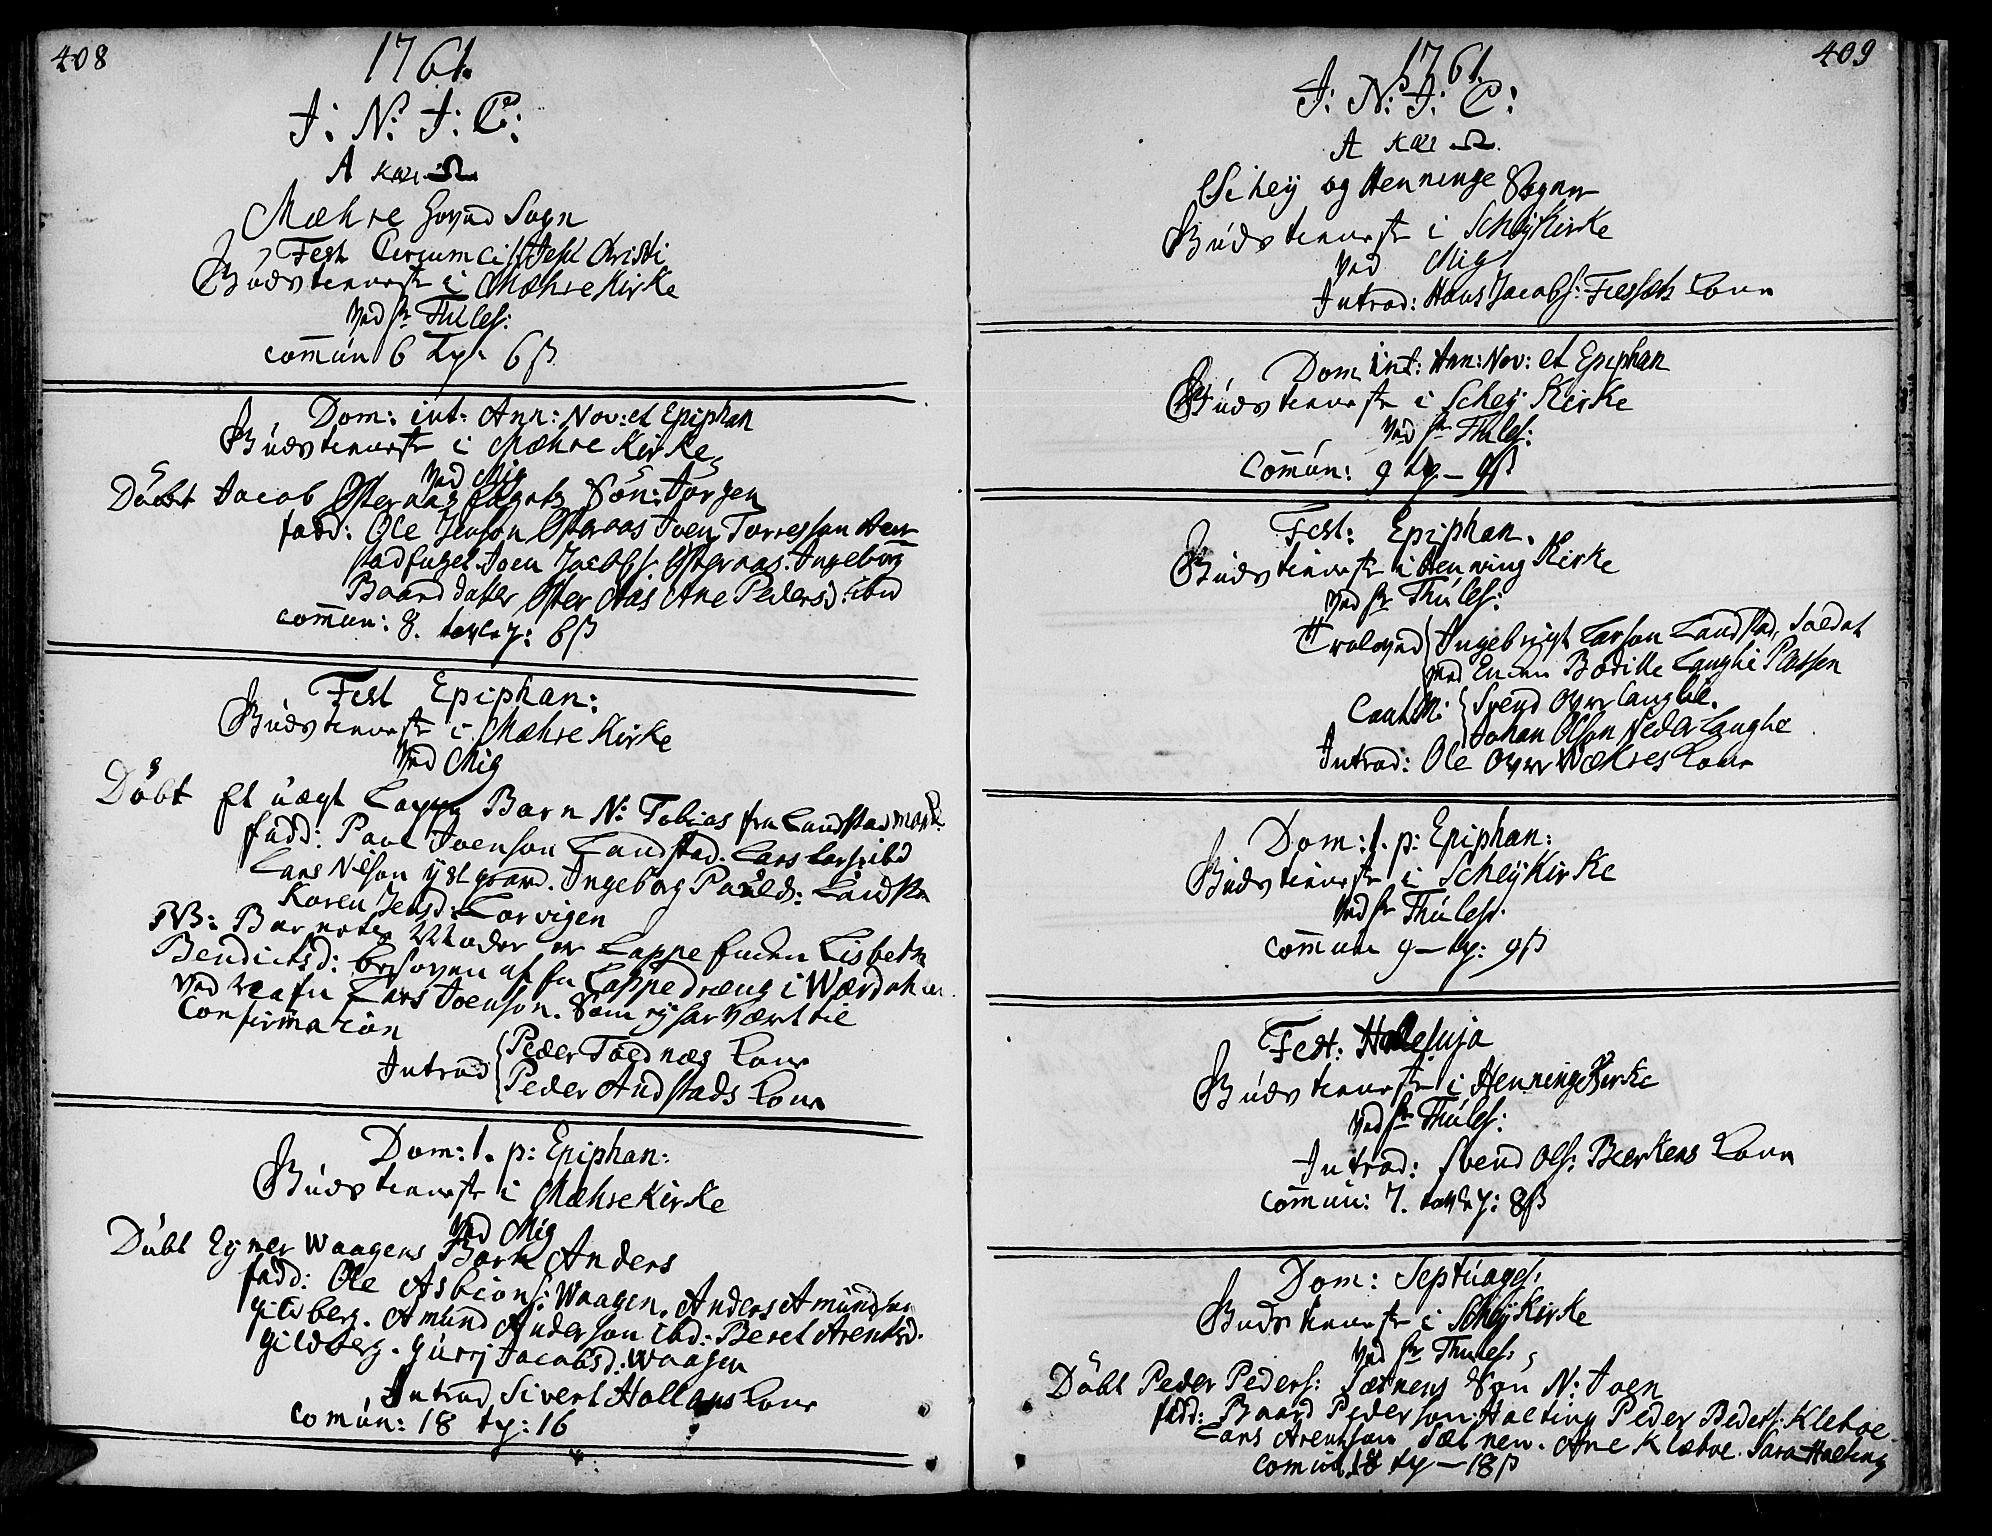 SAT, Ministerialprotokoller, klokkerbøker og fødselsregistre - Nord-Trøndelag, 735/L0330: Ministerialbok nr. 735A01, 1740-1766, s. 408-409